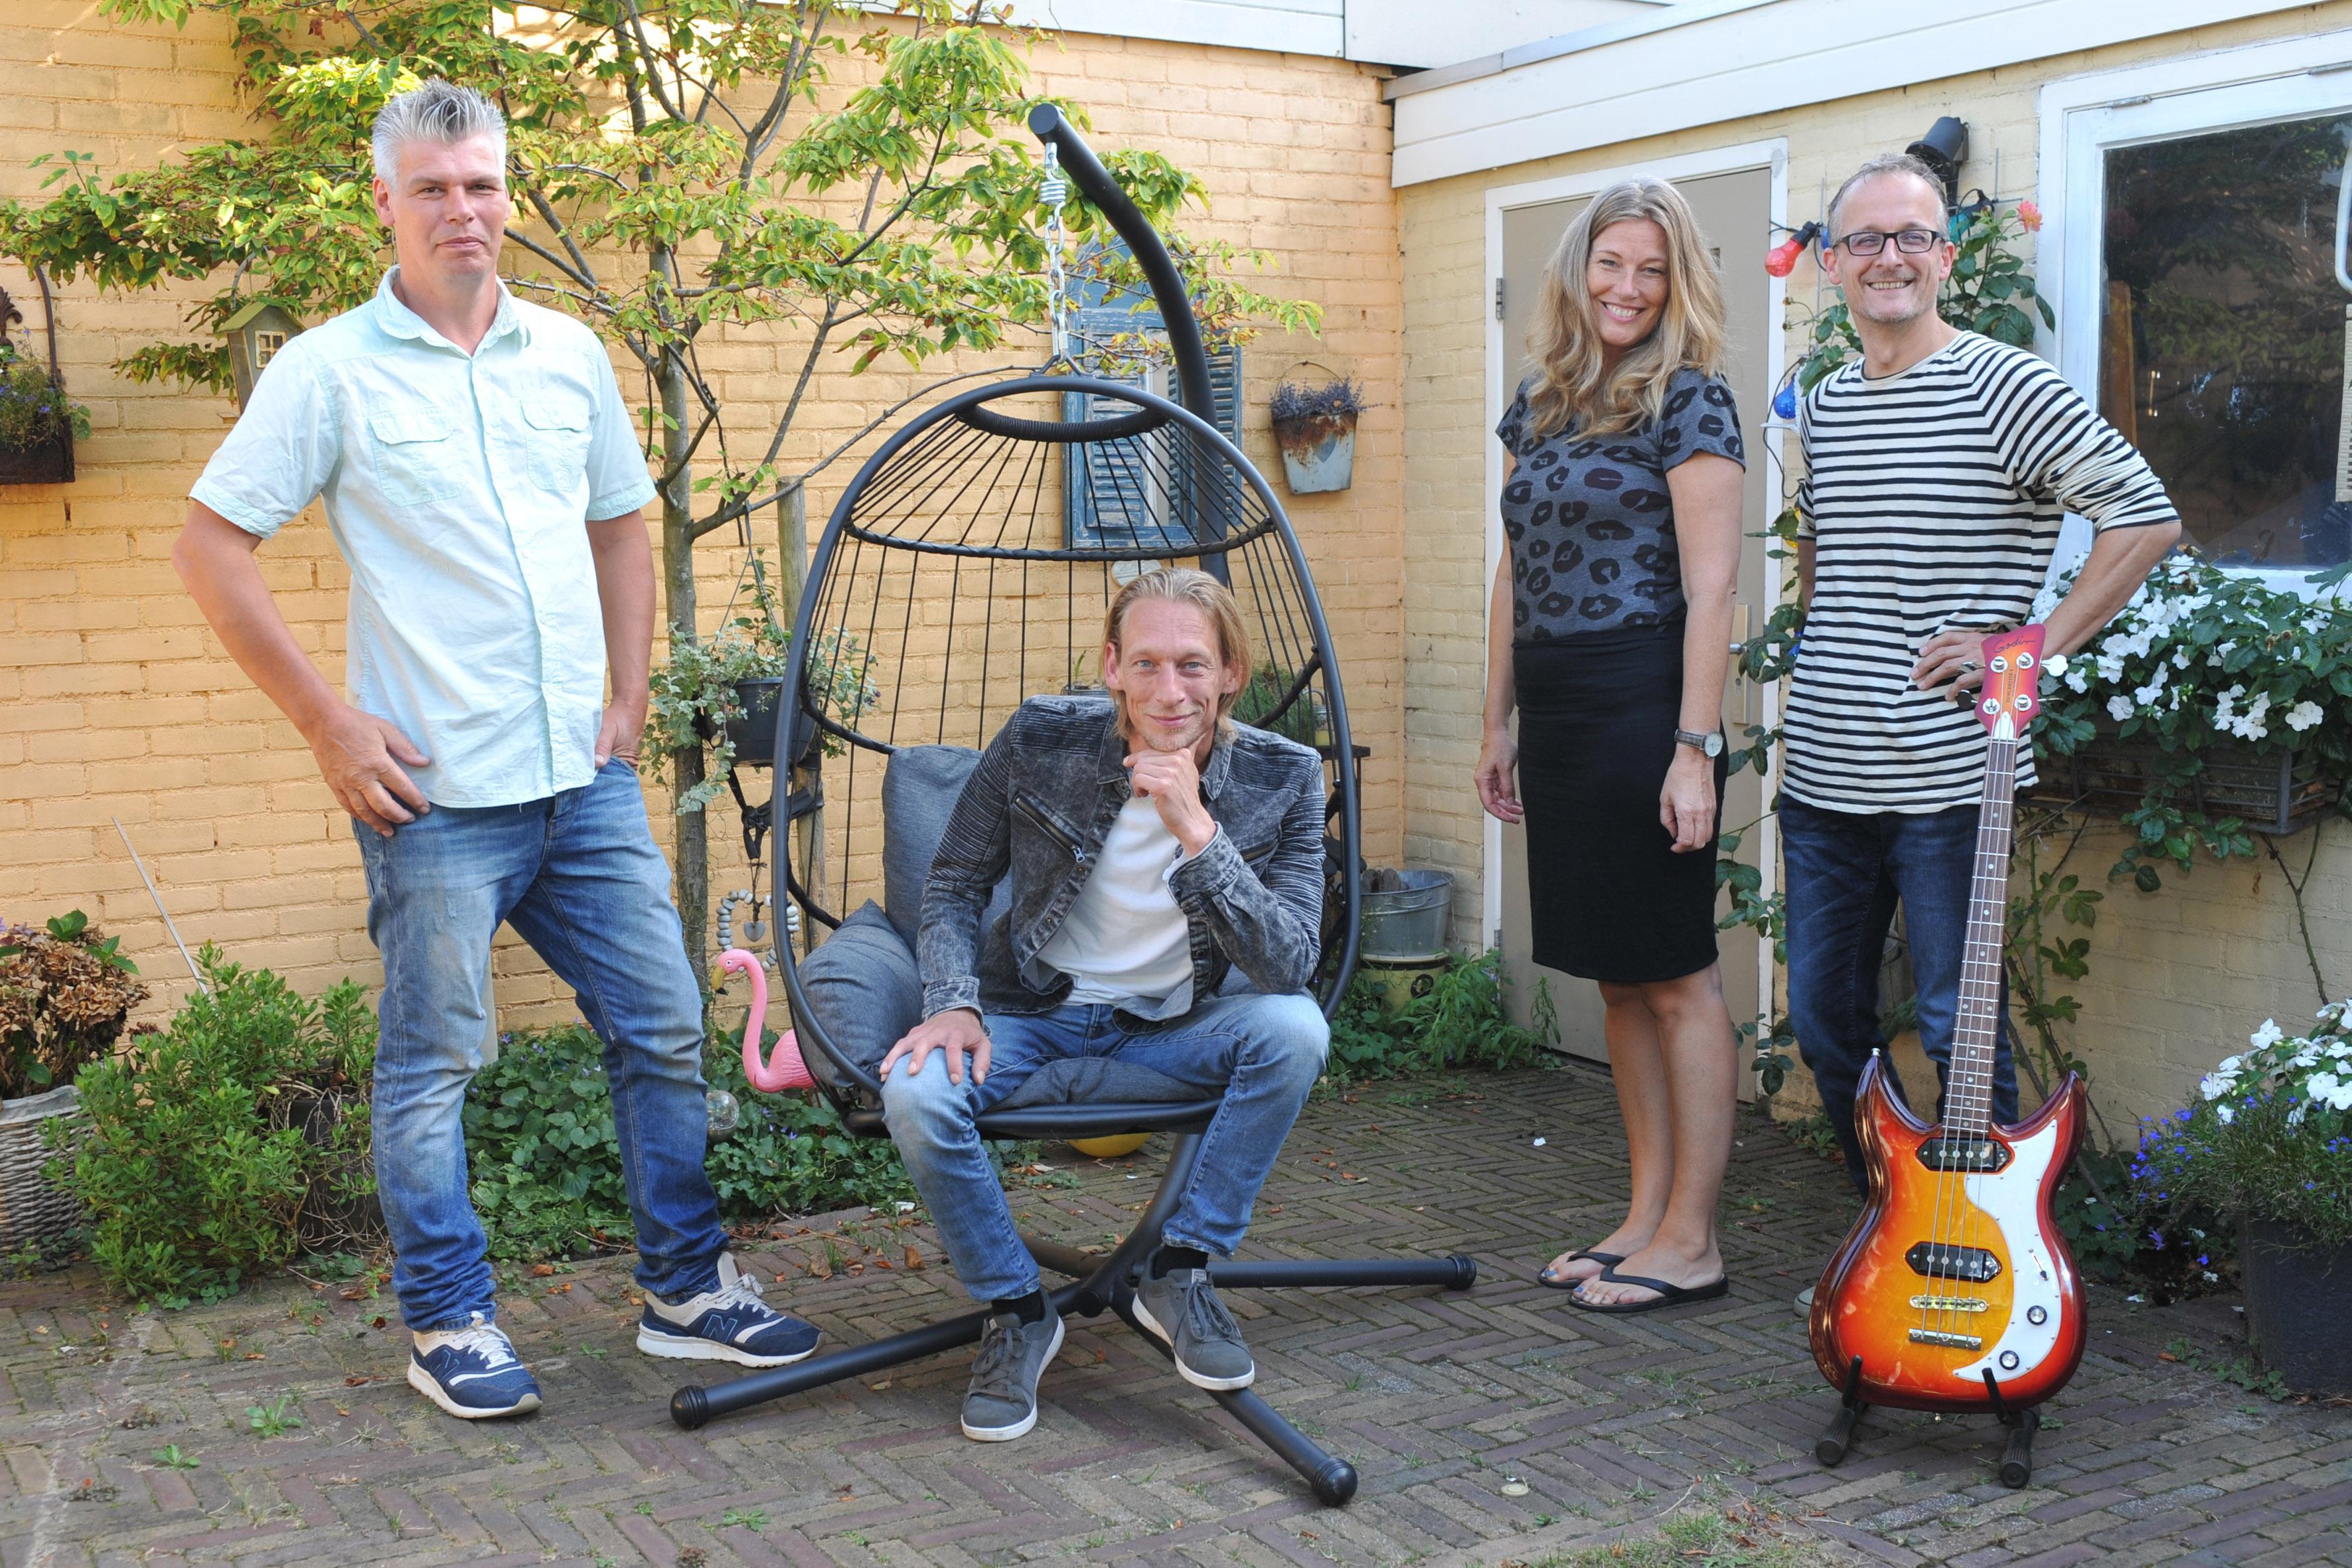 Dogs Called Kitty uit Beverwijk brengt analoog debuutalbum 'Lotusland' uit: 'Geen Hoogovens-sound' [video]